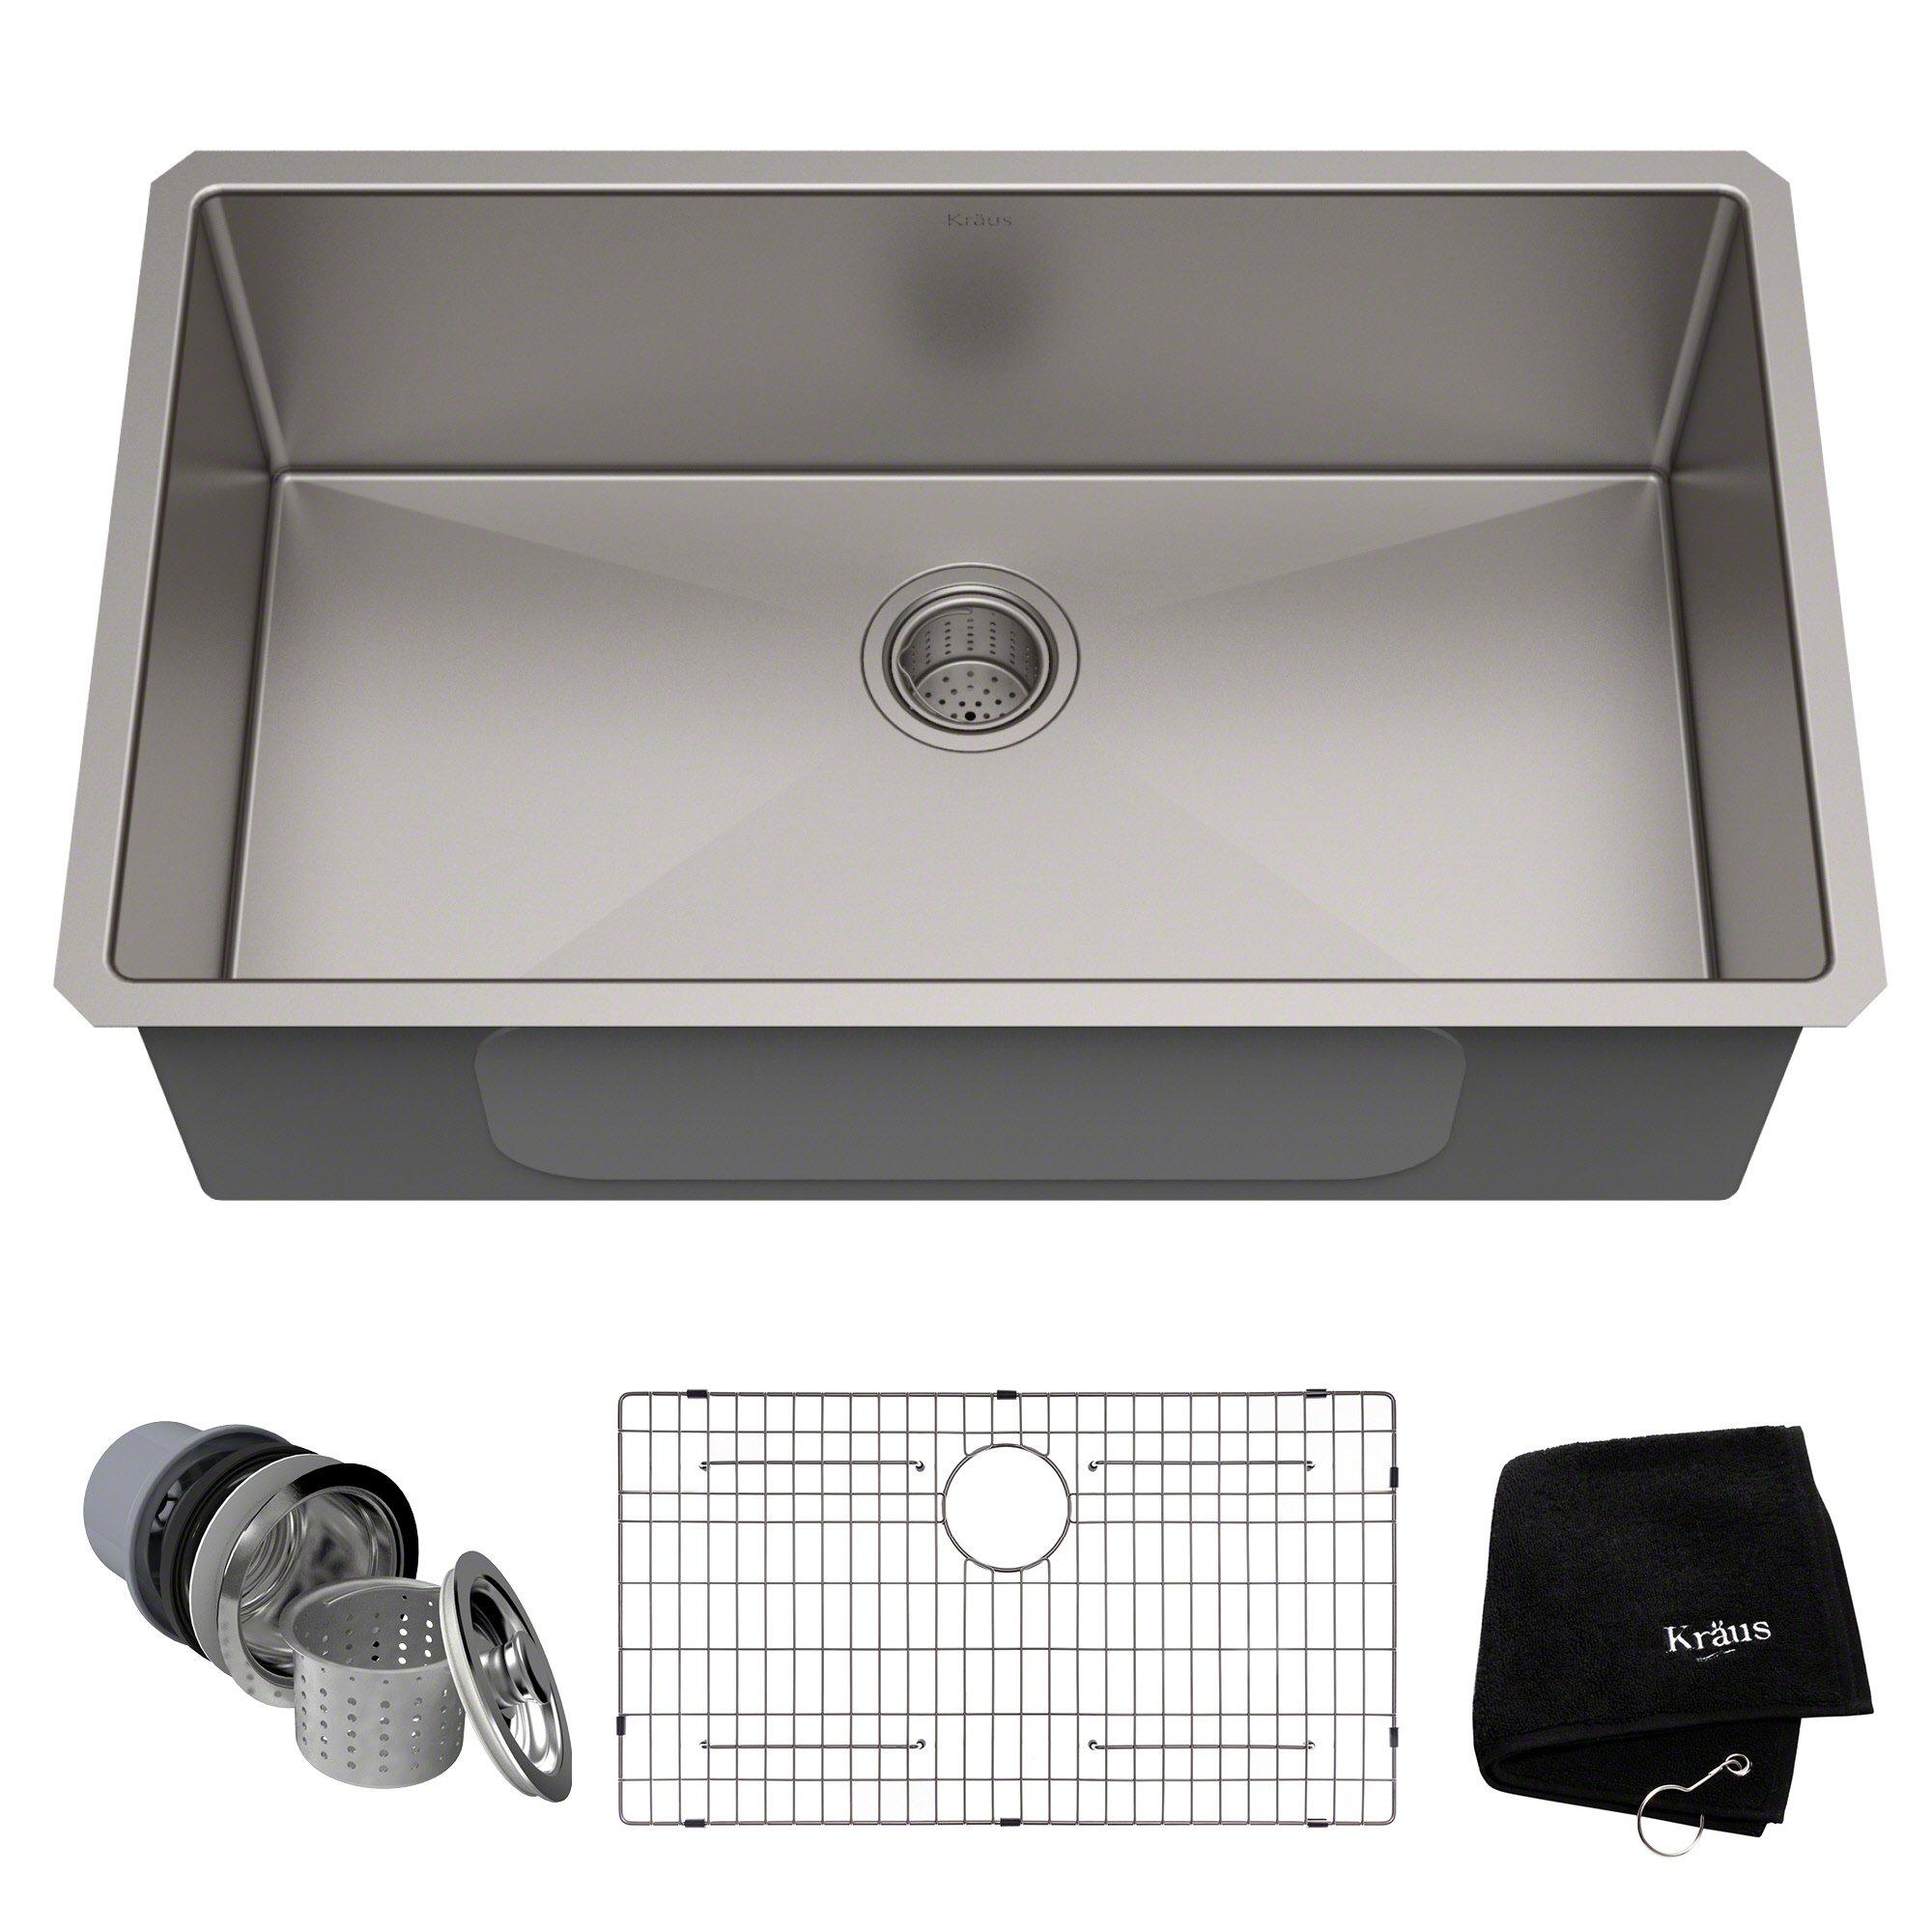 Kraus Standart Pro 32 Inch 16 Gauge Undermount Single Bowl Stainless Steel Kitchen Sink Farmhouse Sink Kitchen Kitchen Sink Remodel Undermount Kitchen Sinks